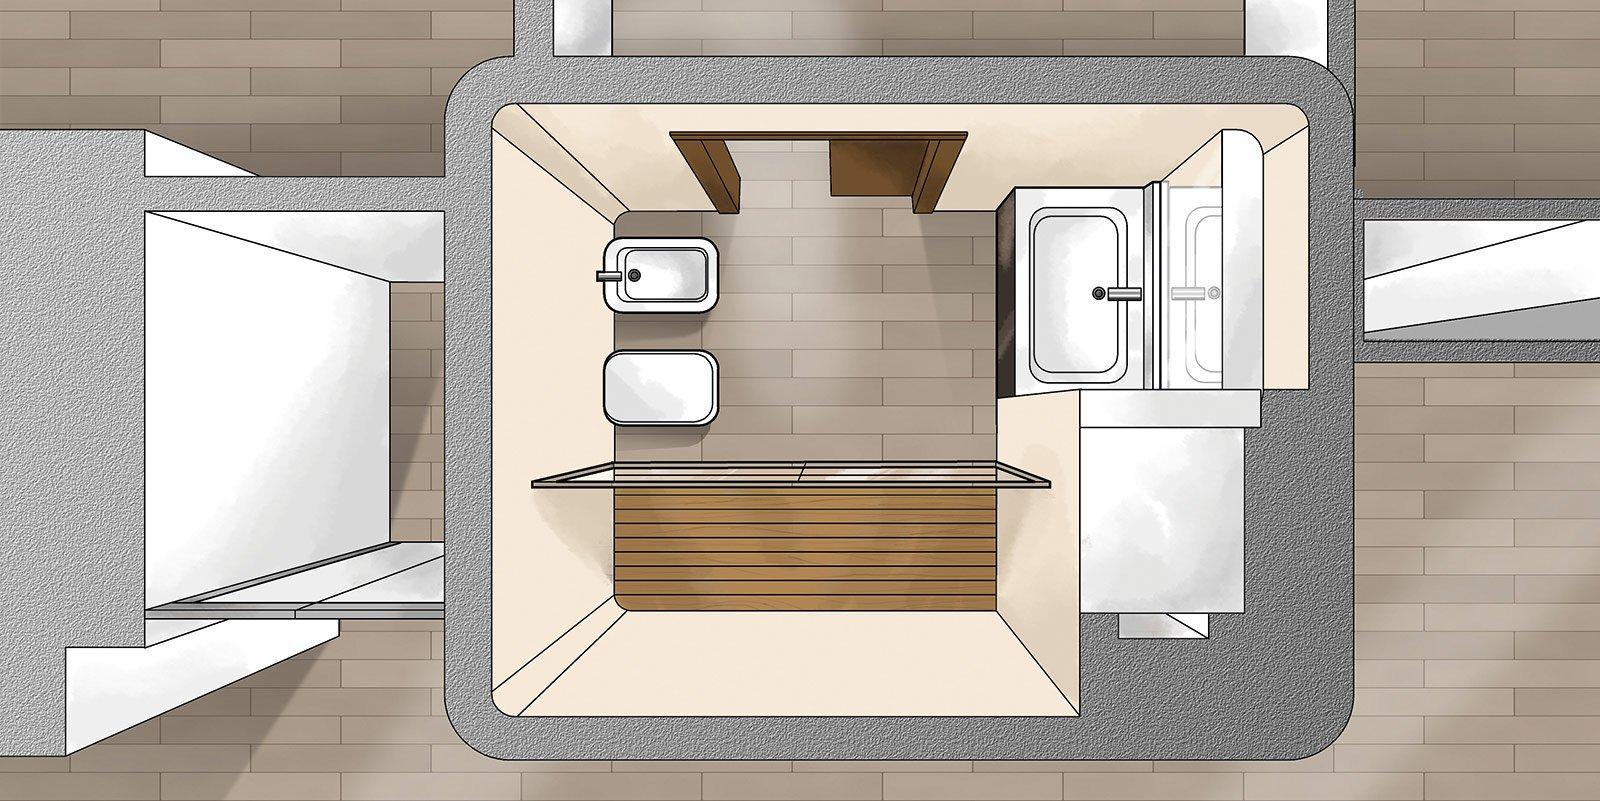 Suddivisioni ottimizzate per la casa di meno di 100 mq - Bagno piccolo dimensioni minime ...